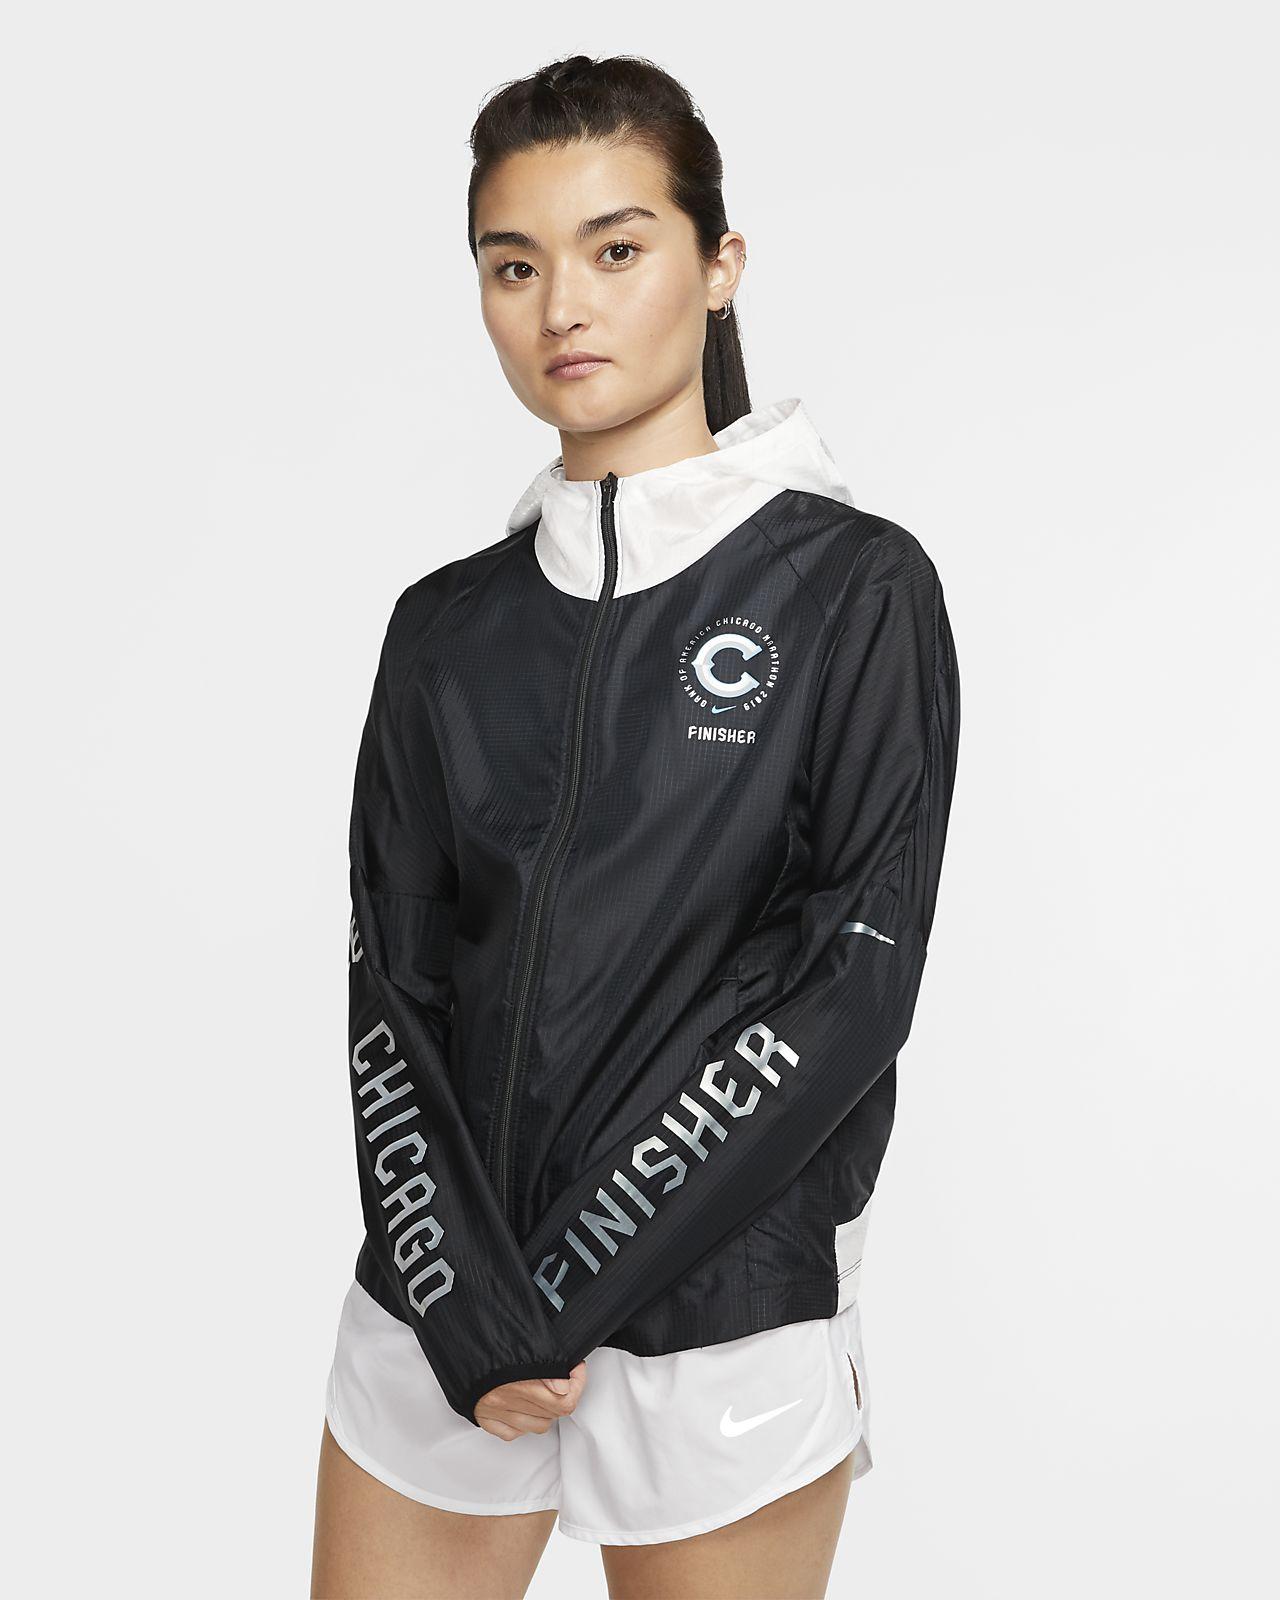 Nike Chicago Finisher Women's Hooded Running Jacket